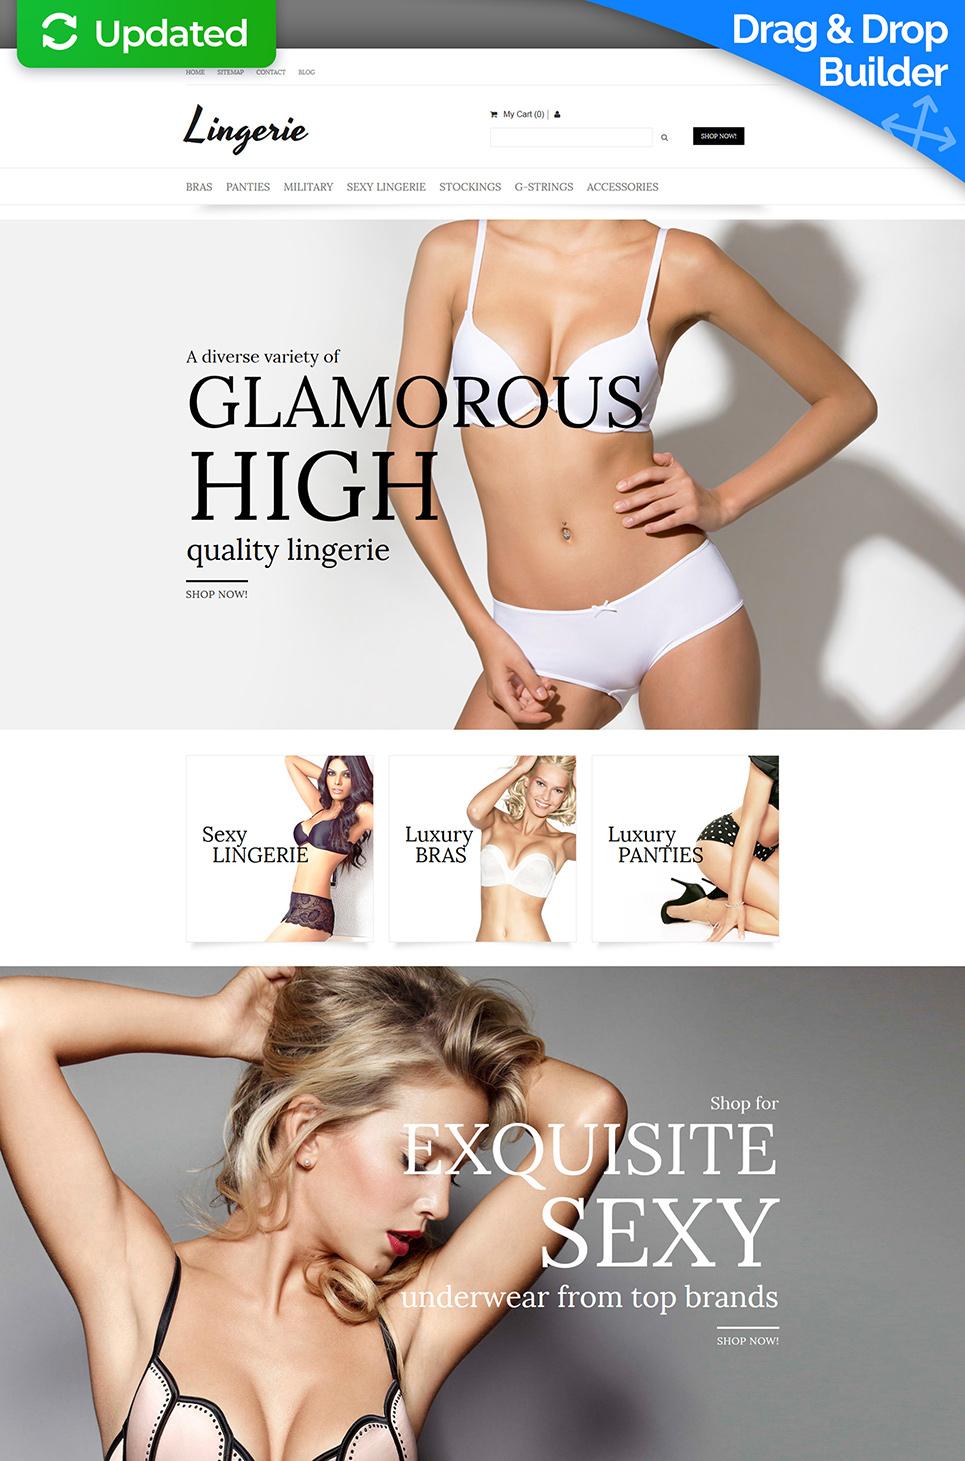 La plantilla eficaz de comercio electrónico #58482 de categoría Moda y Belleza - image